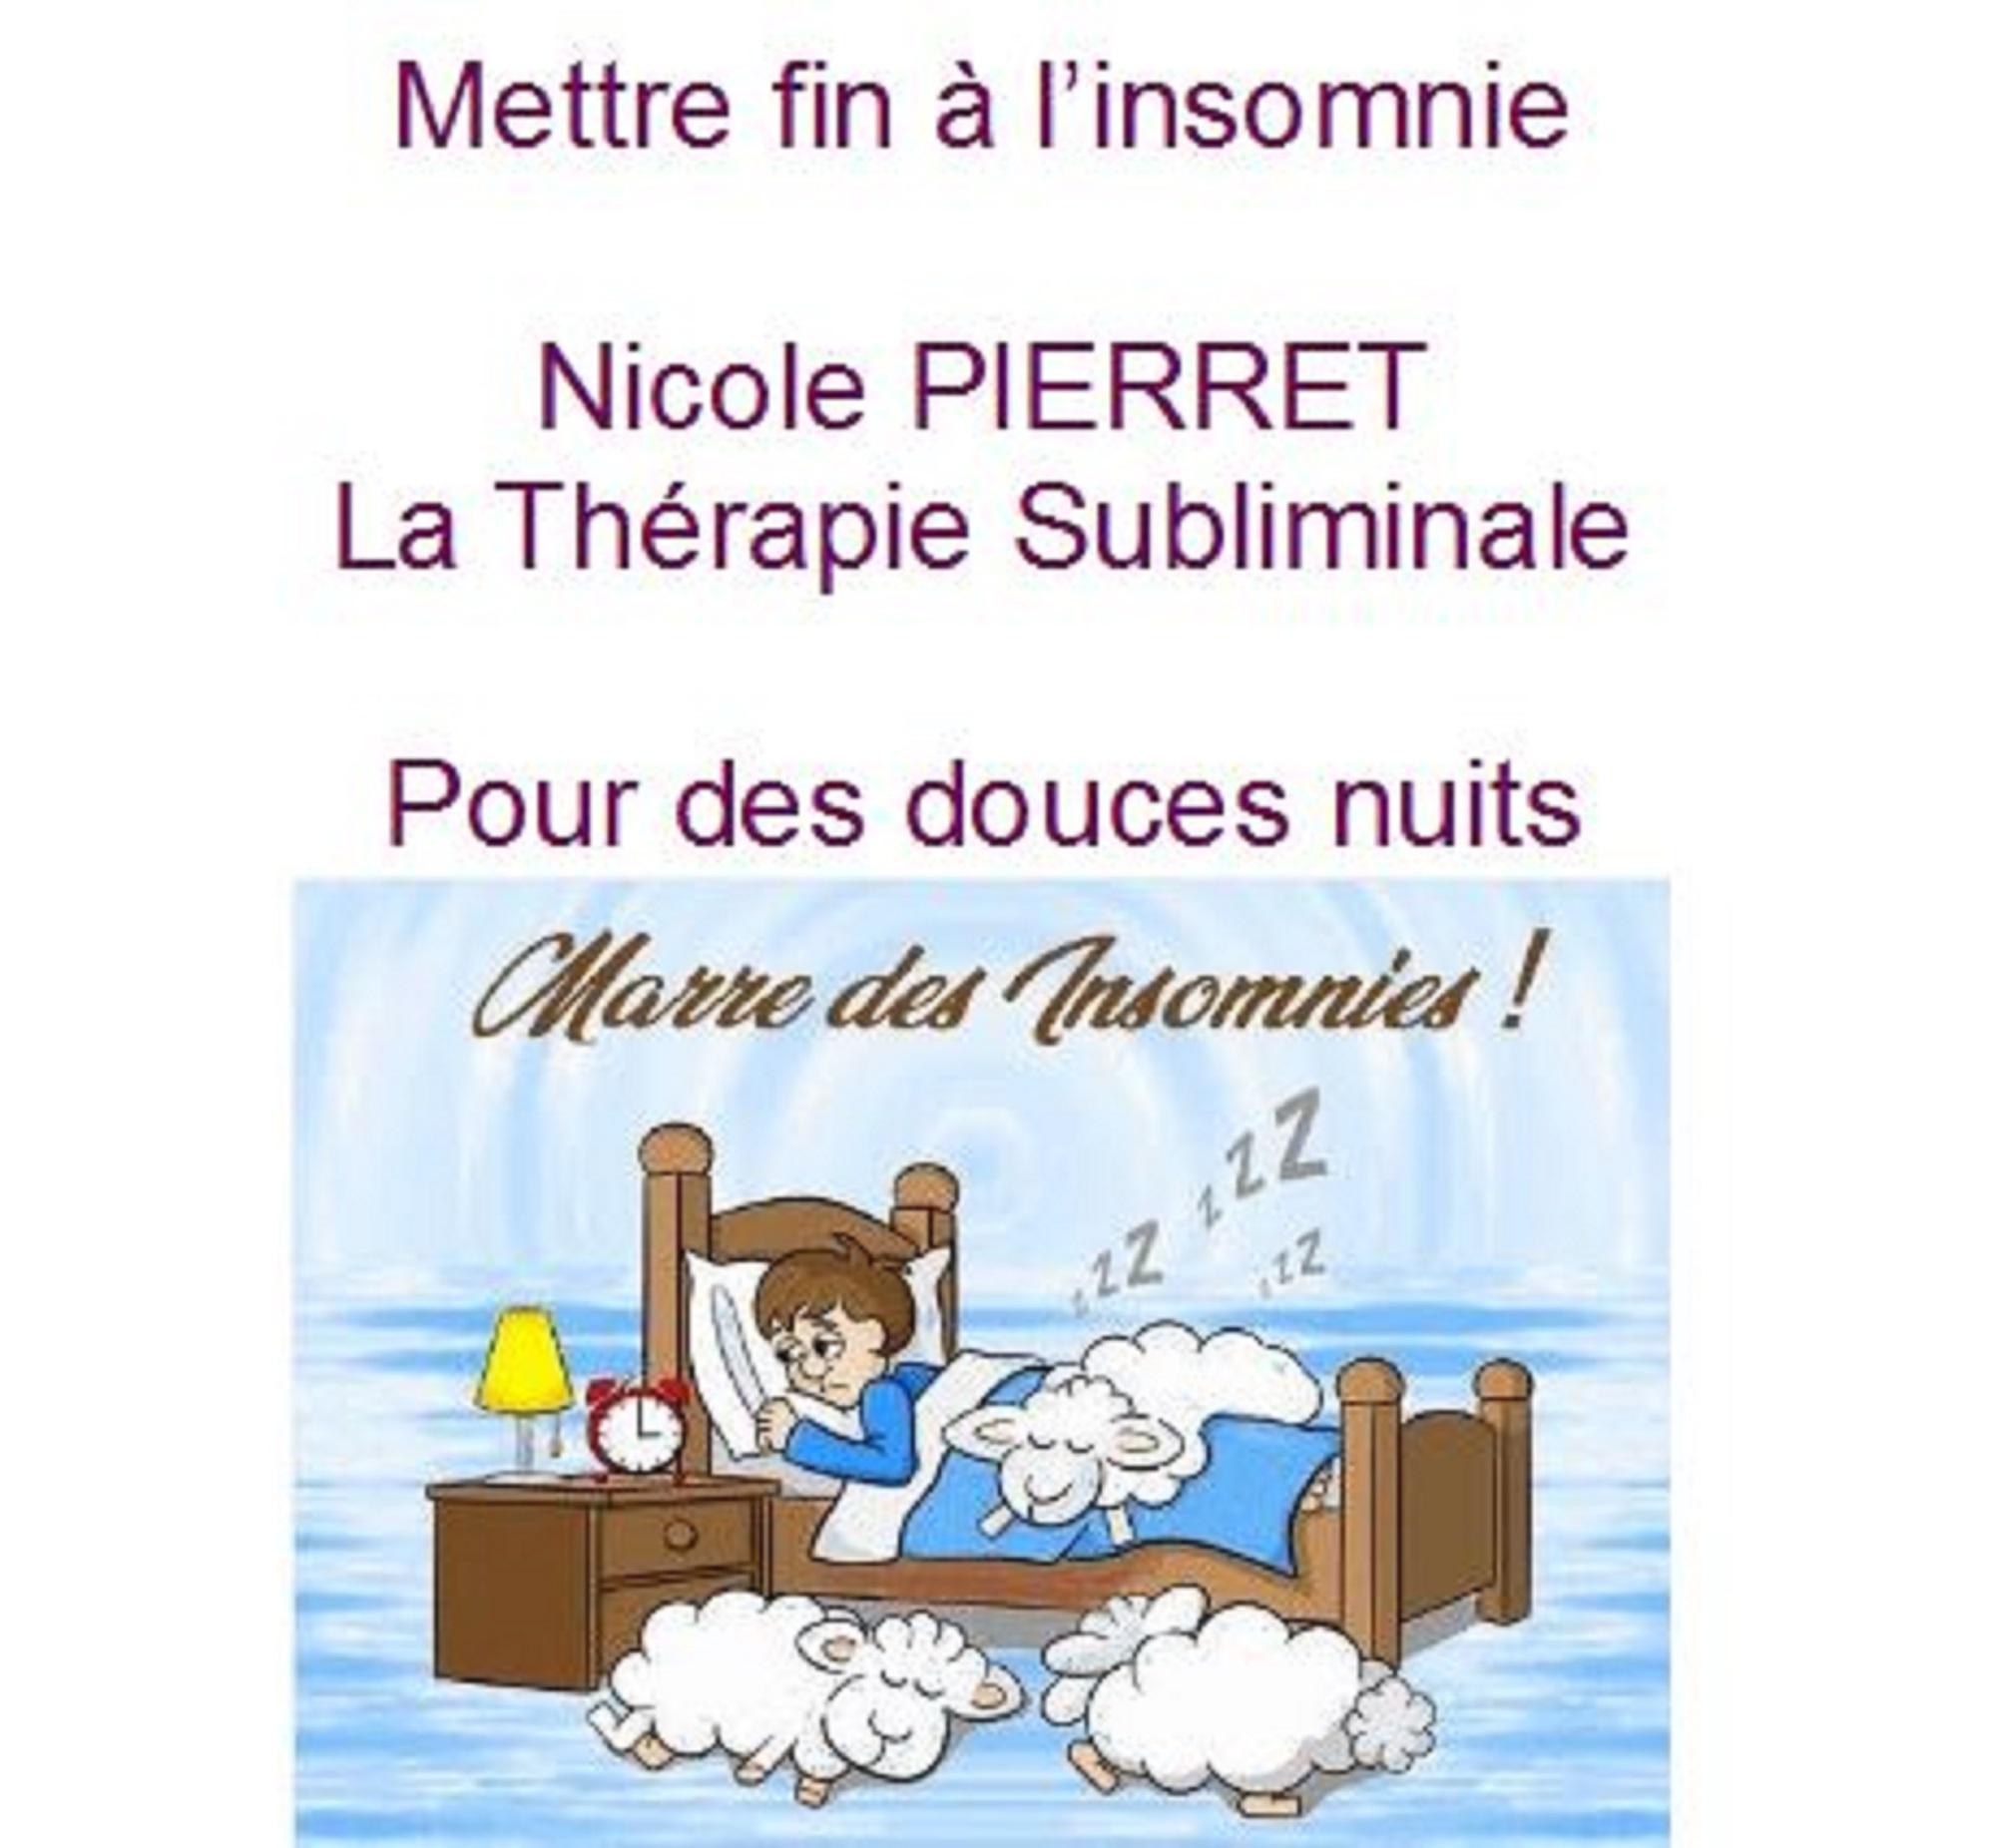 mettre fin à l'insomnie la thérapie subliminale nicole pierret.JPG